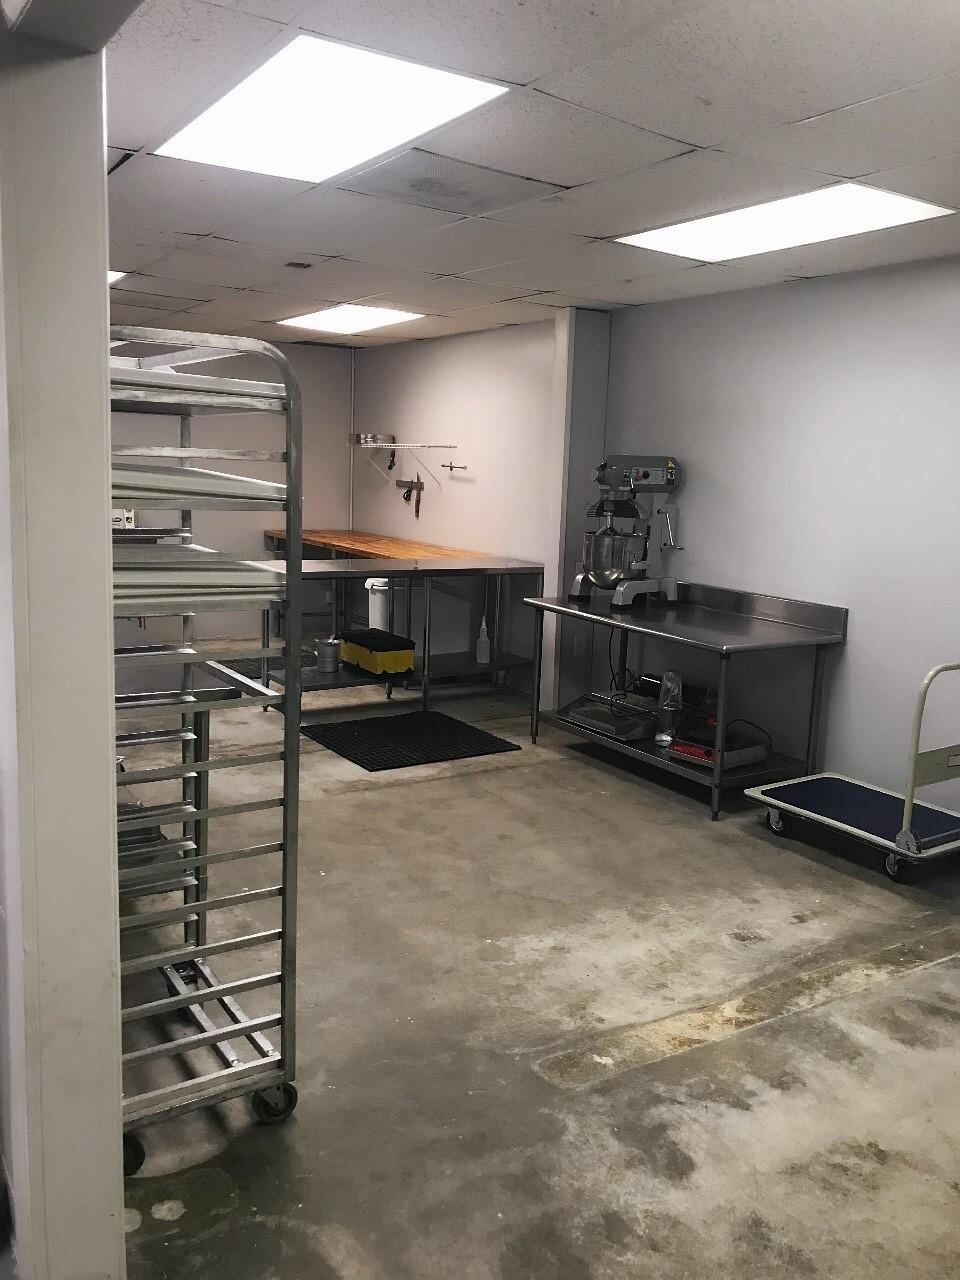 OTH Bakery & Prep Kitchen